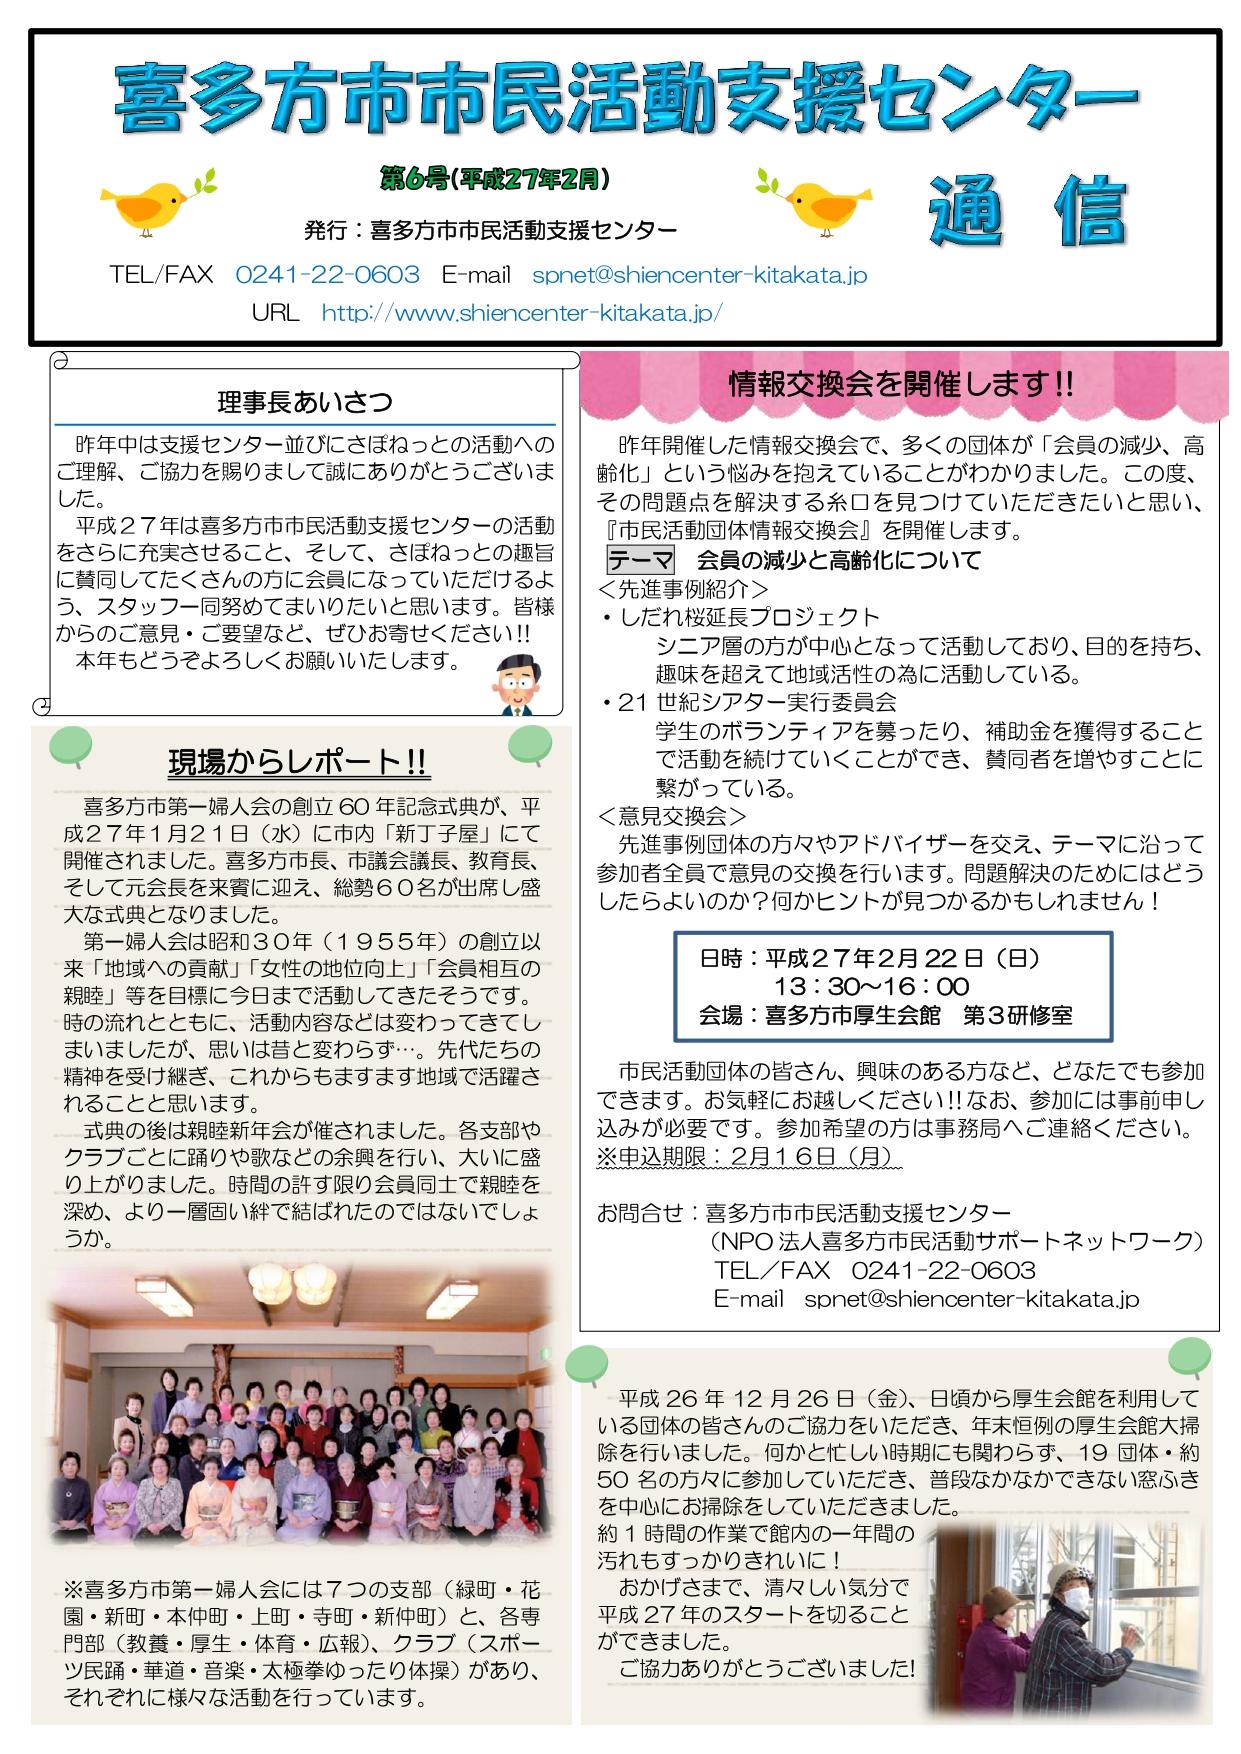 喜多方市市民活動支援センター通信 第6号(平成27年2月発行)